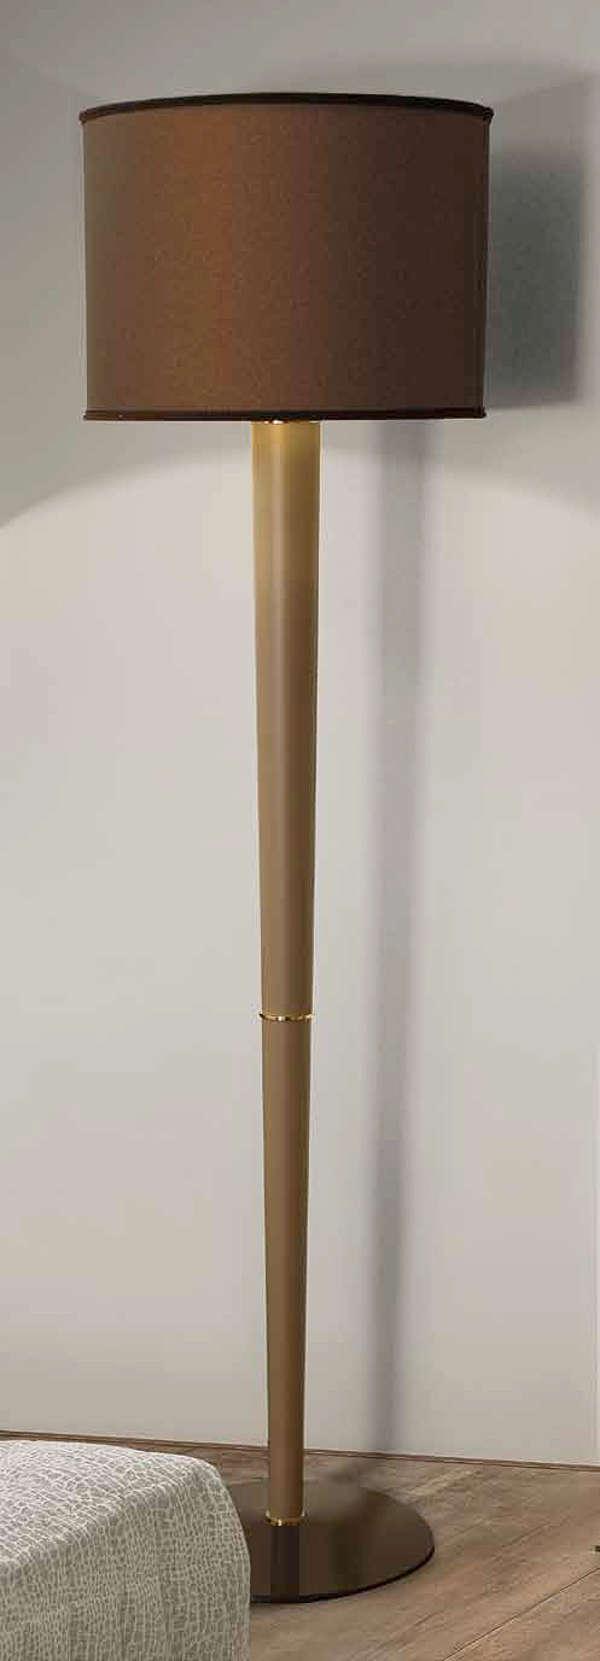 Напольная лампа CEPPI STYLE 3359 CONTEMPORARY